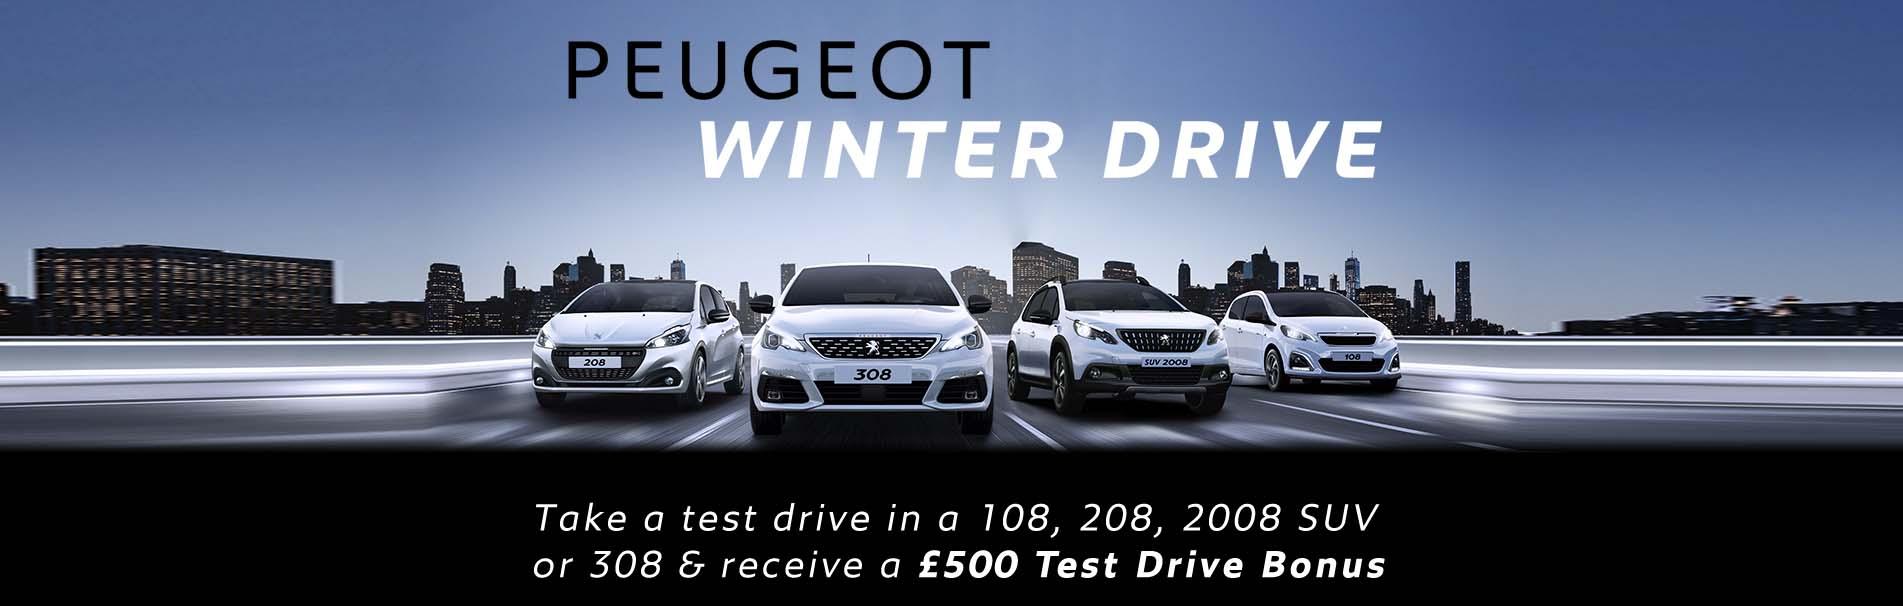 peugeot-winter-drive-test-drive-bonus-sli